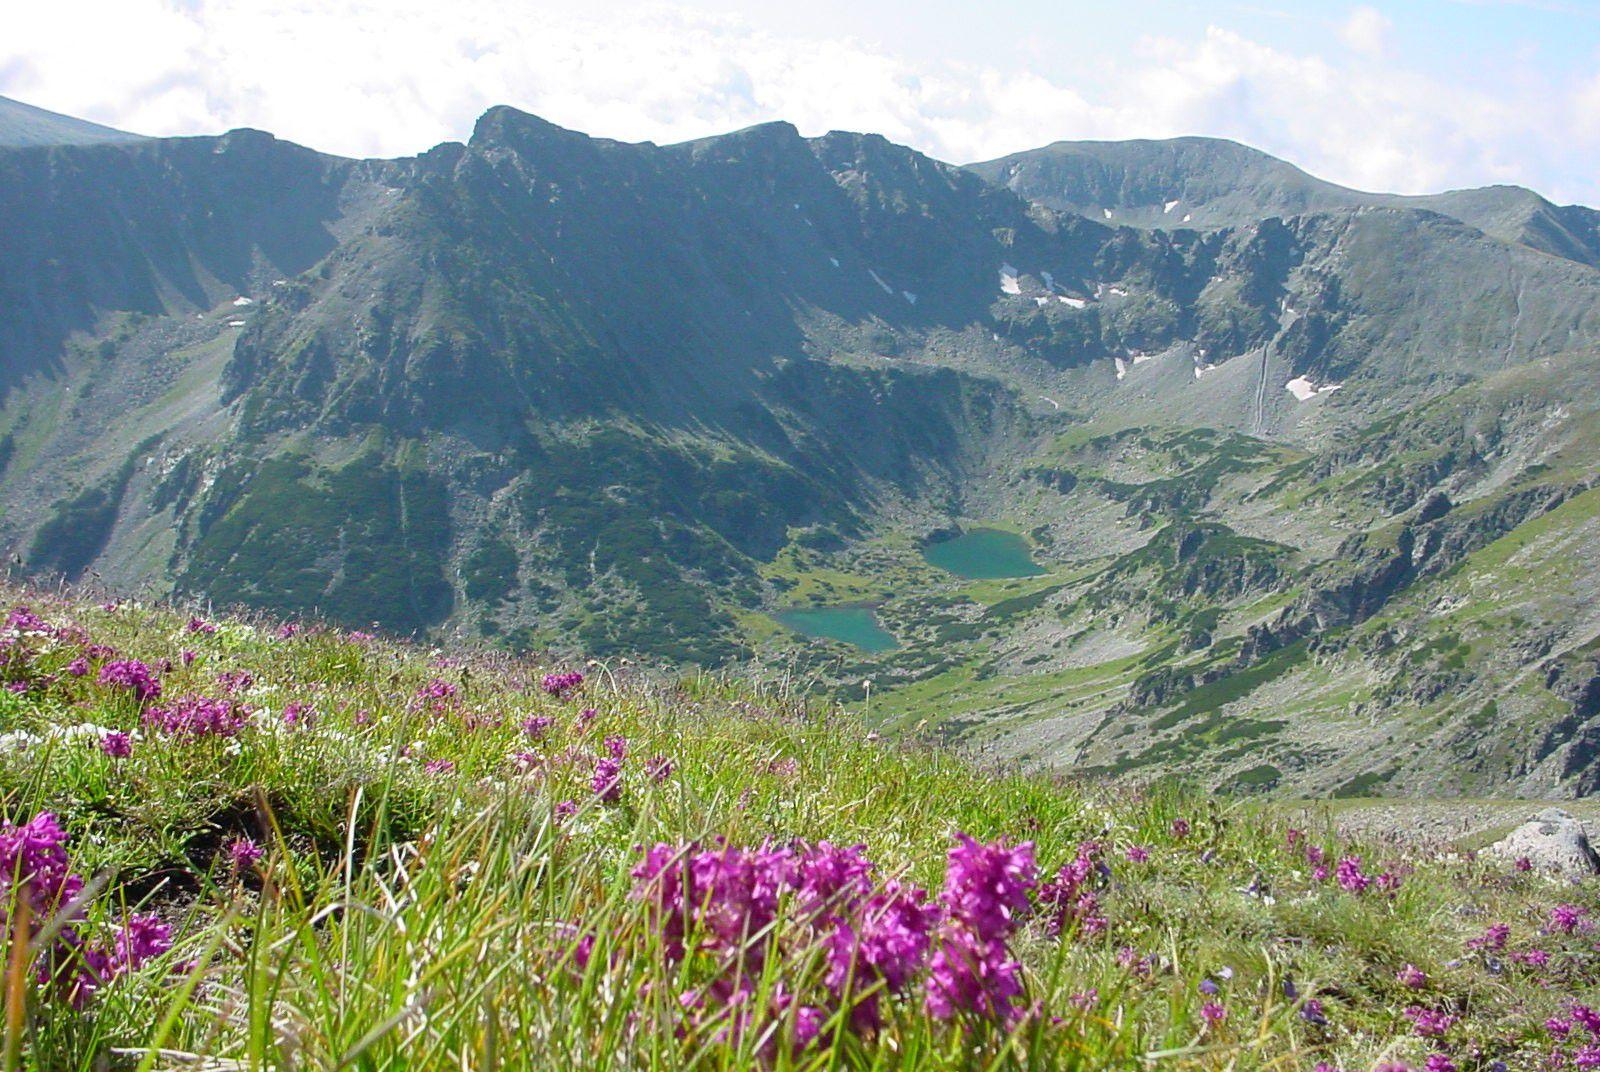 معلومات عن جبال ريلا  معلومات عن جبال ريلا  معلومات عن جبال ريلا